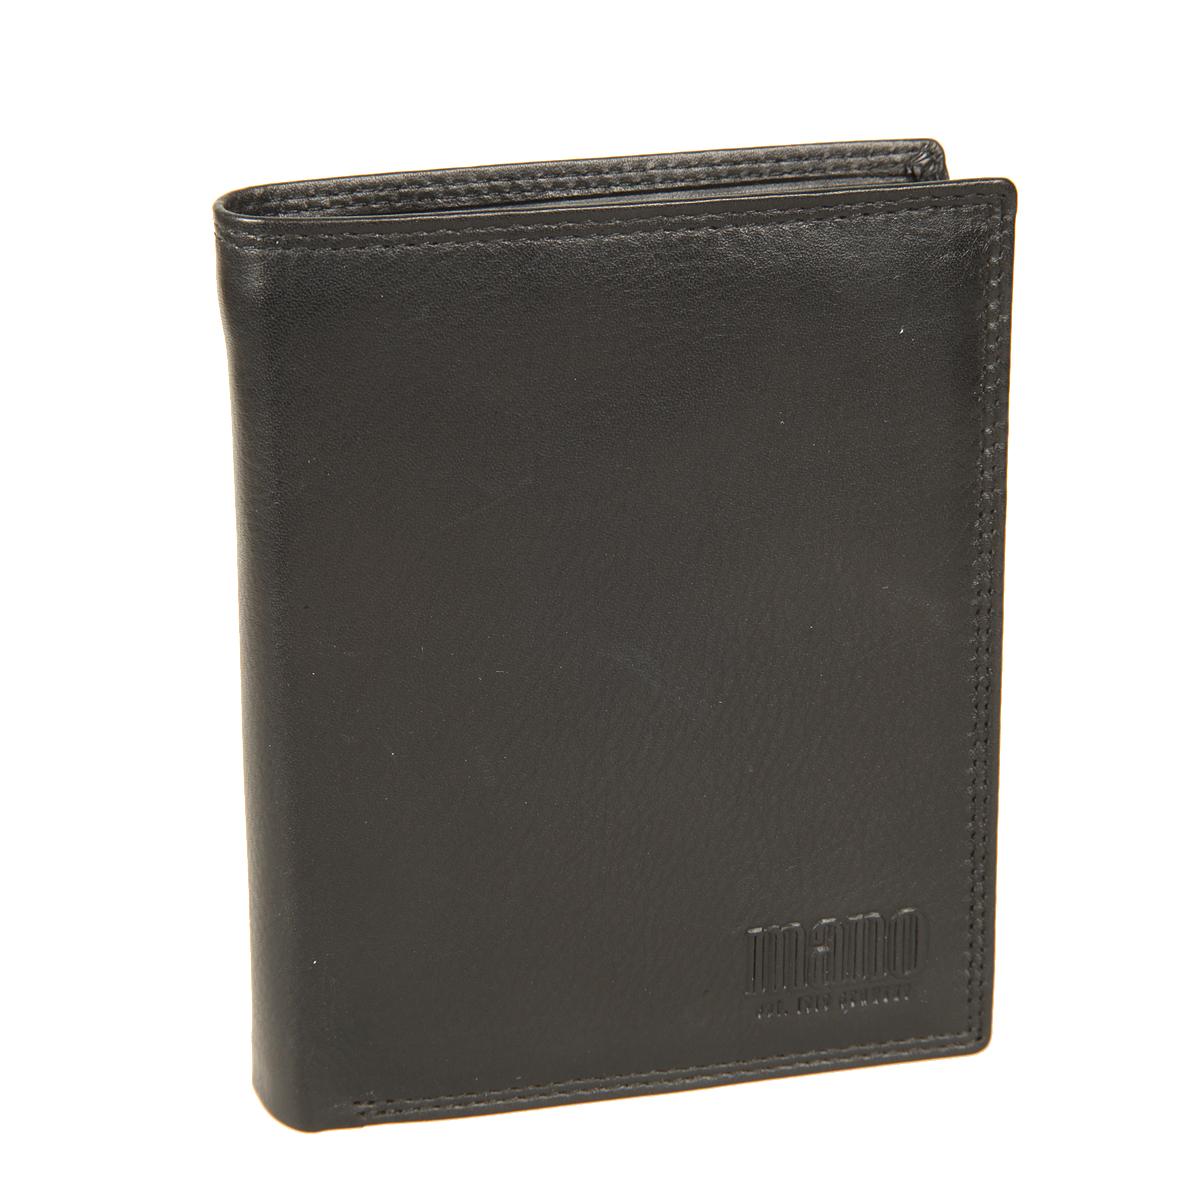 Портмоне мужское Mano, цвет: черный. 19020BM8434-58AEСтильное мужское портмоне Mano выполнено из натуральной кожи, оформлено объемной надписью в виде логотипа бренда. Внутри - два отделения для купюр, карман на застежке-молнии, карман для мелочи с клапаном на кнопке, четыре потайных кармашка, один кармашек с сетчатой вставкой и восемь отделений для визитных и кредитных карточек.Портмоне упаковано в фирменную картонную коробку.